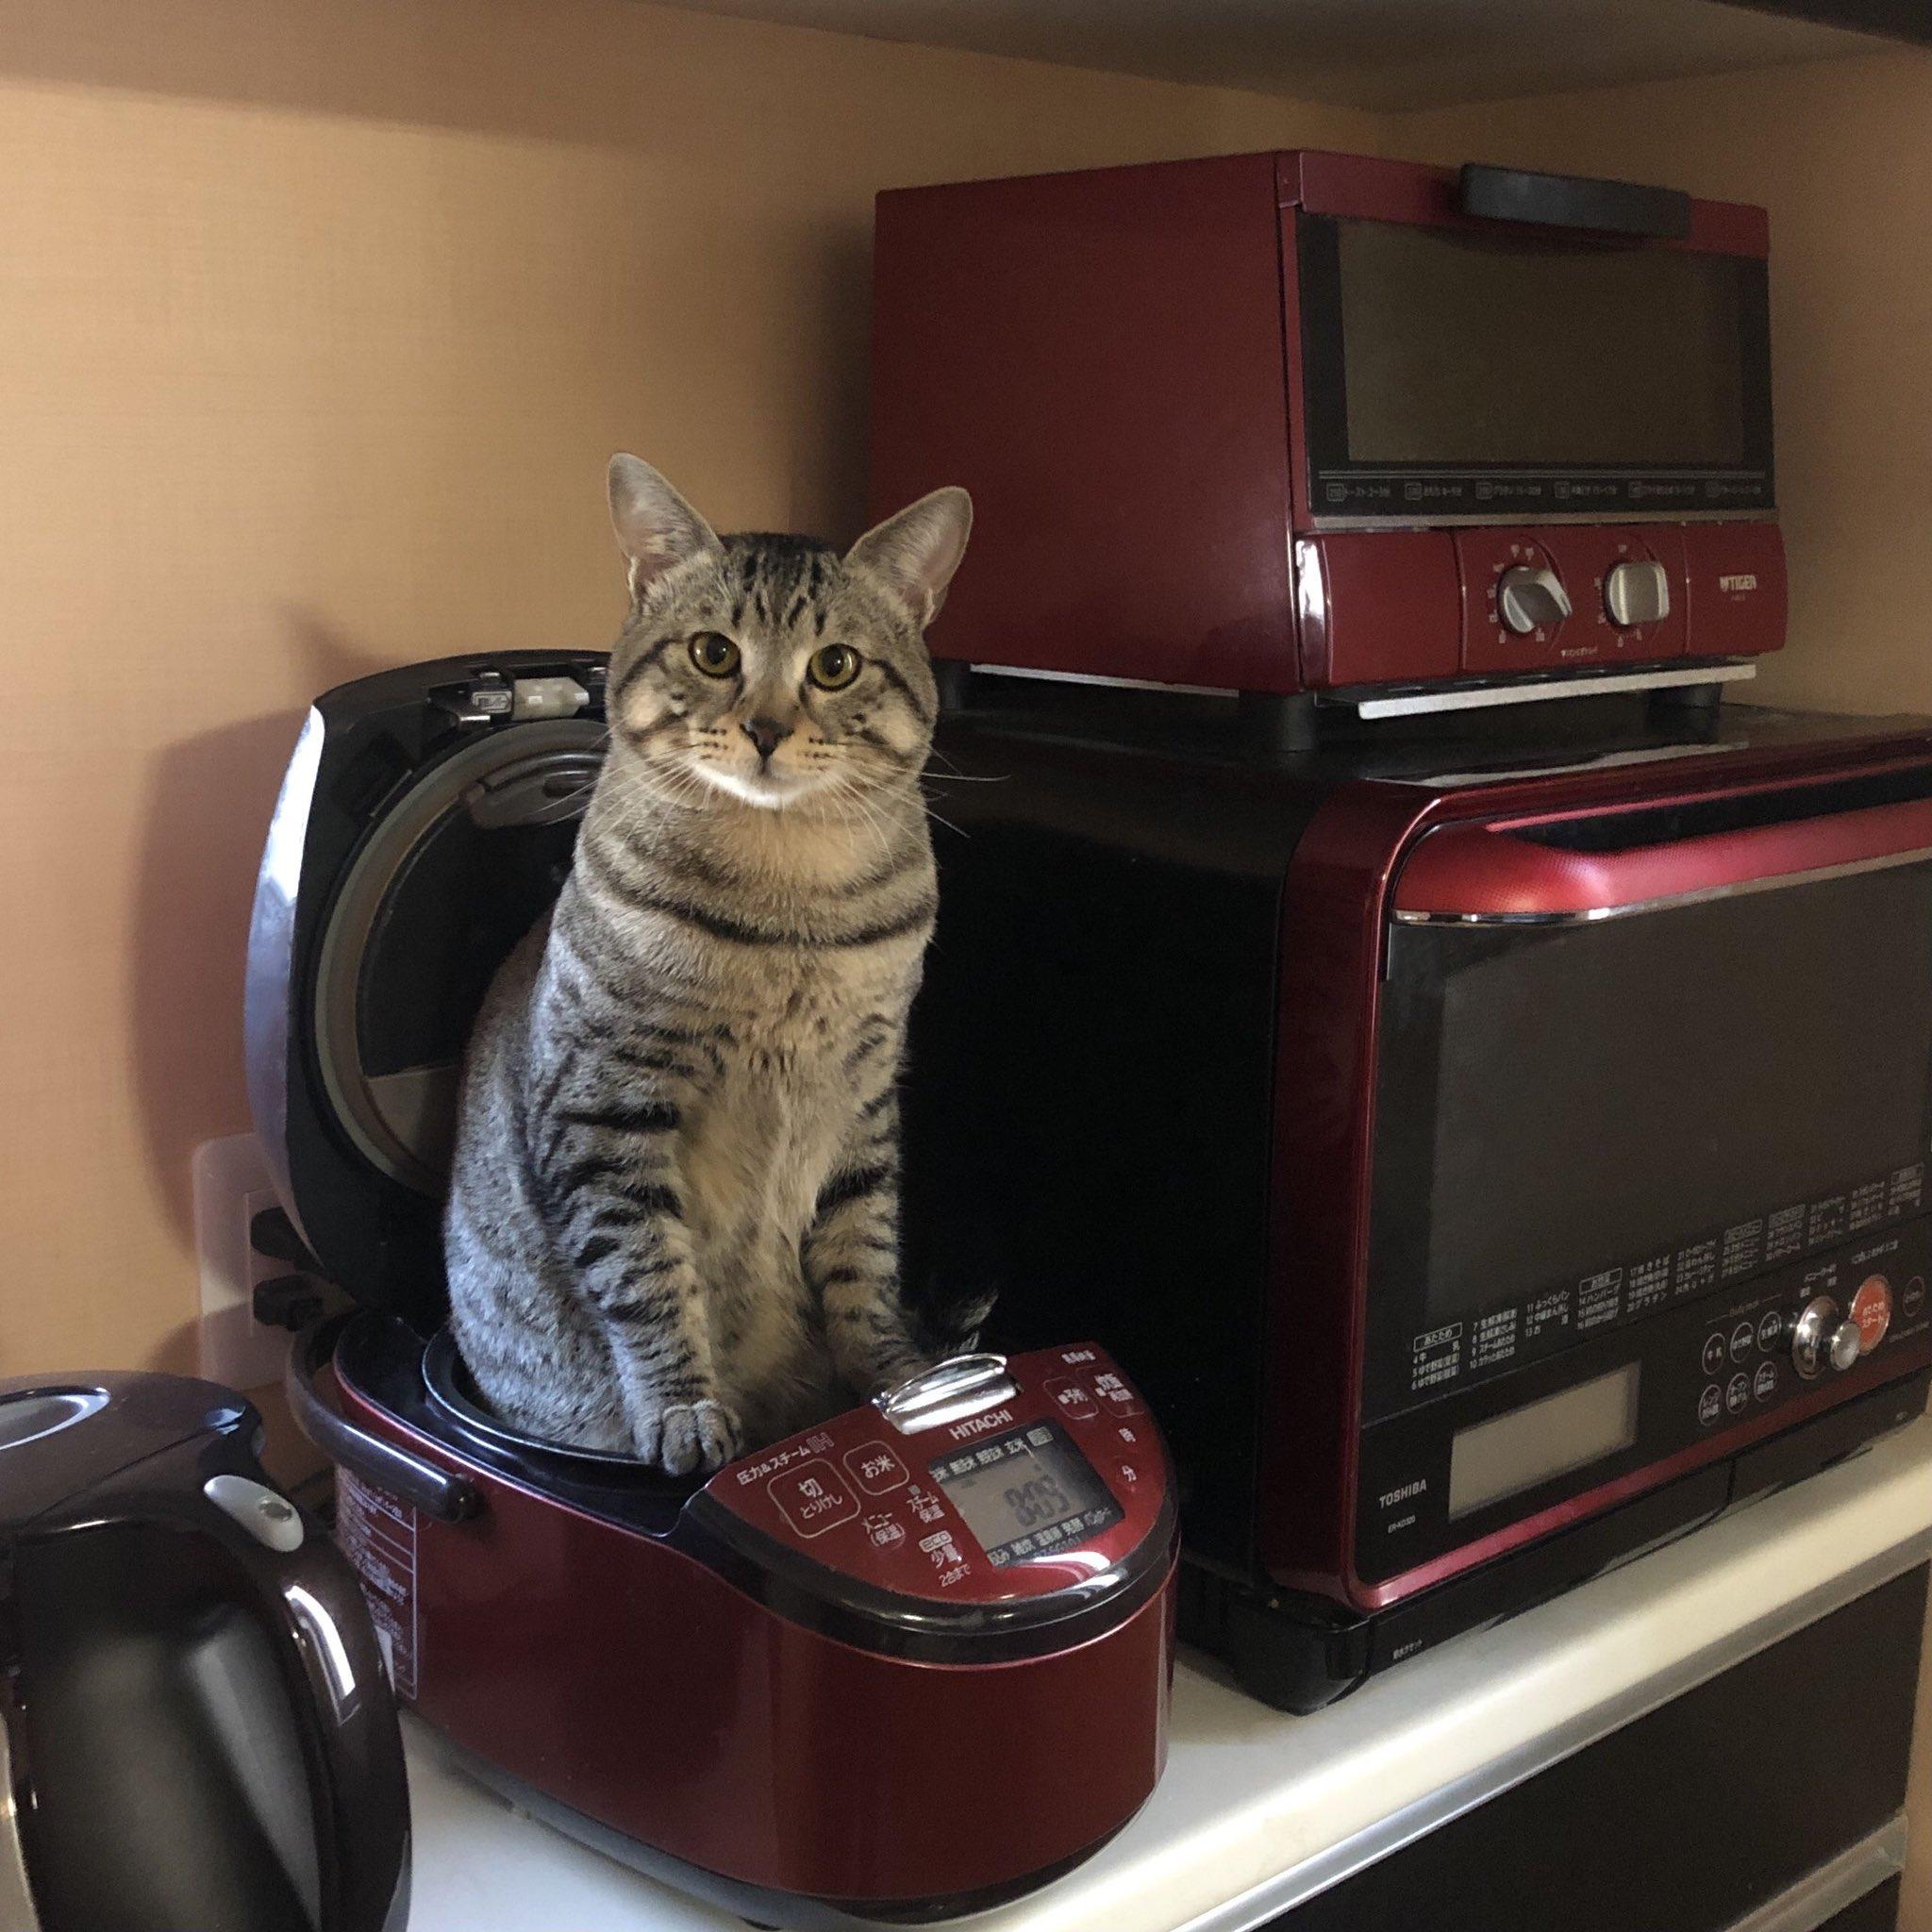 【画像】猫ちゃん、炊飯器に入れられてしまう